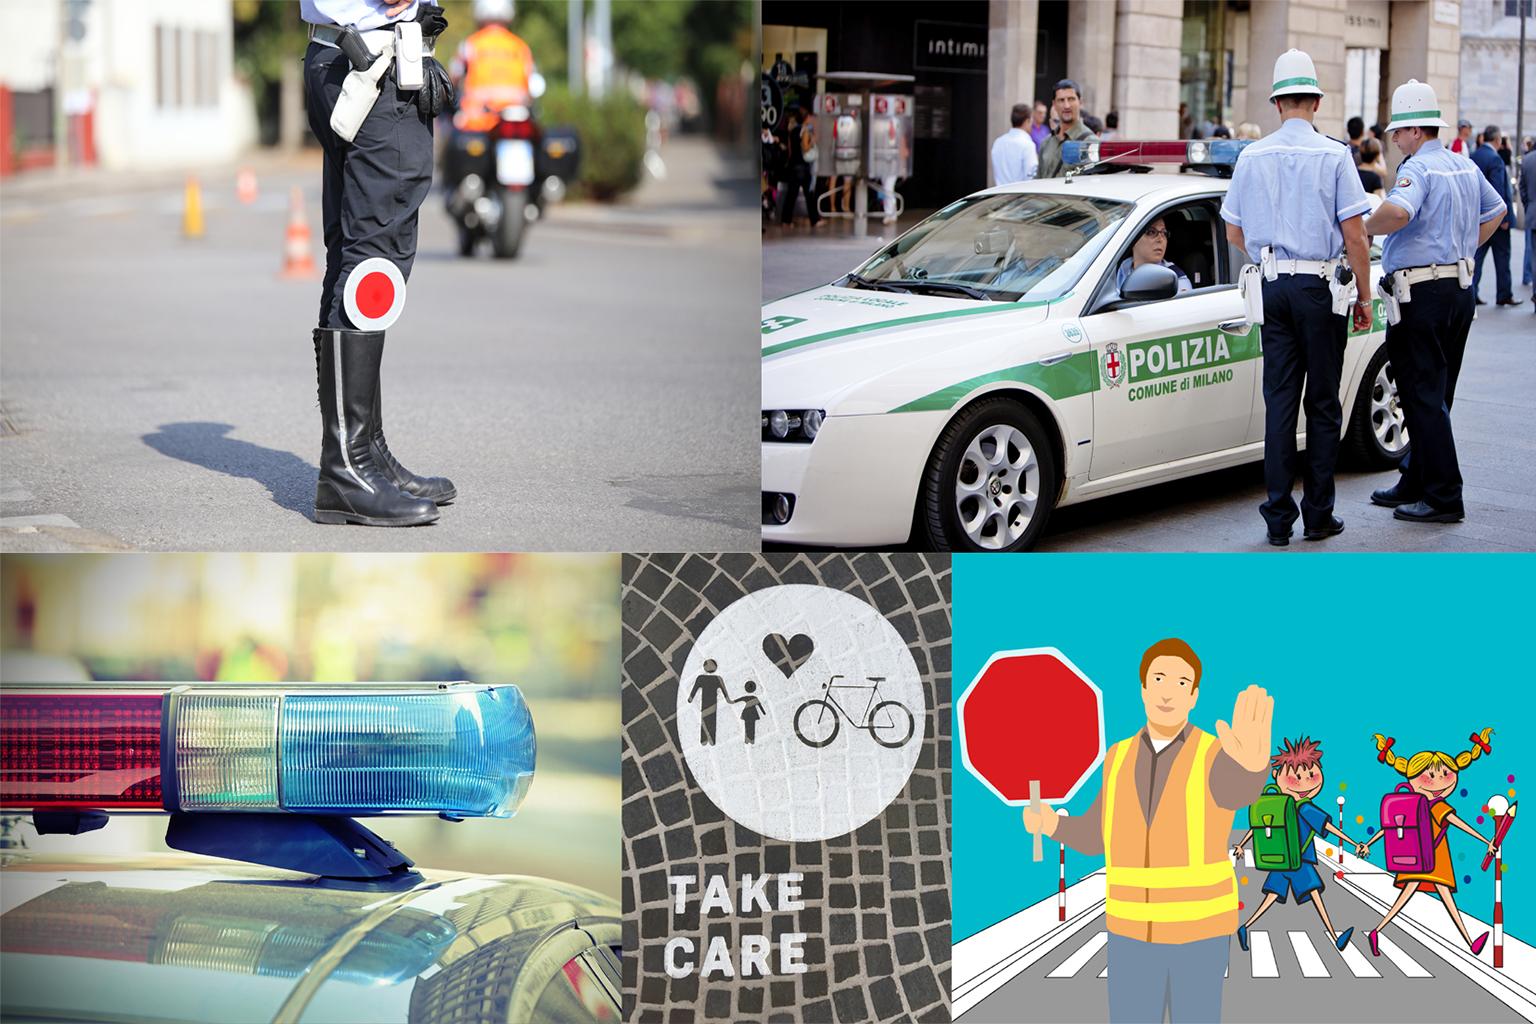 Bando per l'assegnazione di cofinanziamenti per tutte le funzioni di Polizia Locale, per la realizzazione di progetti di videosorveglianza - biennio 2018/19 (l.r. 6/2015, art. 25) -Unioni di Comuni e Comunità Montane